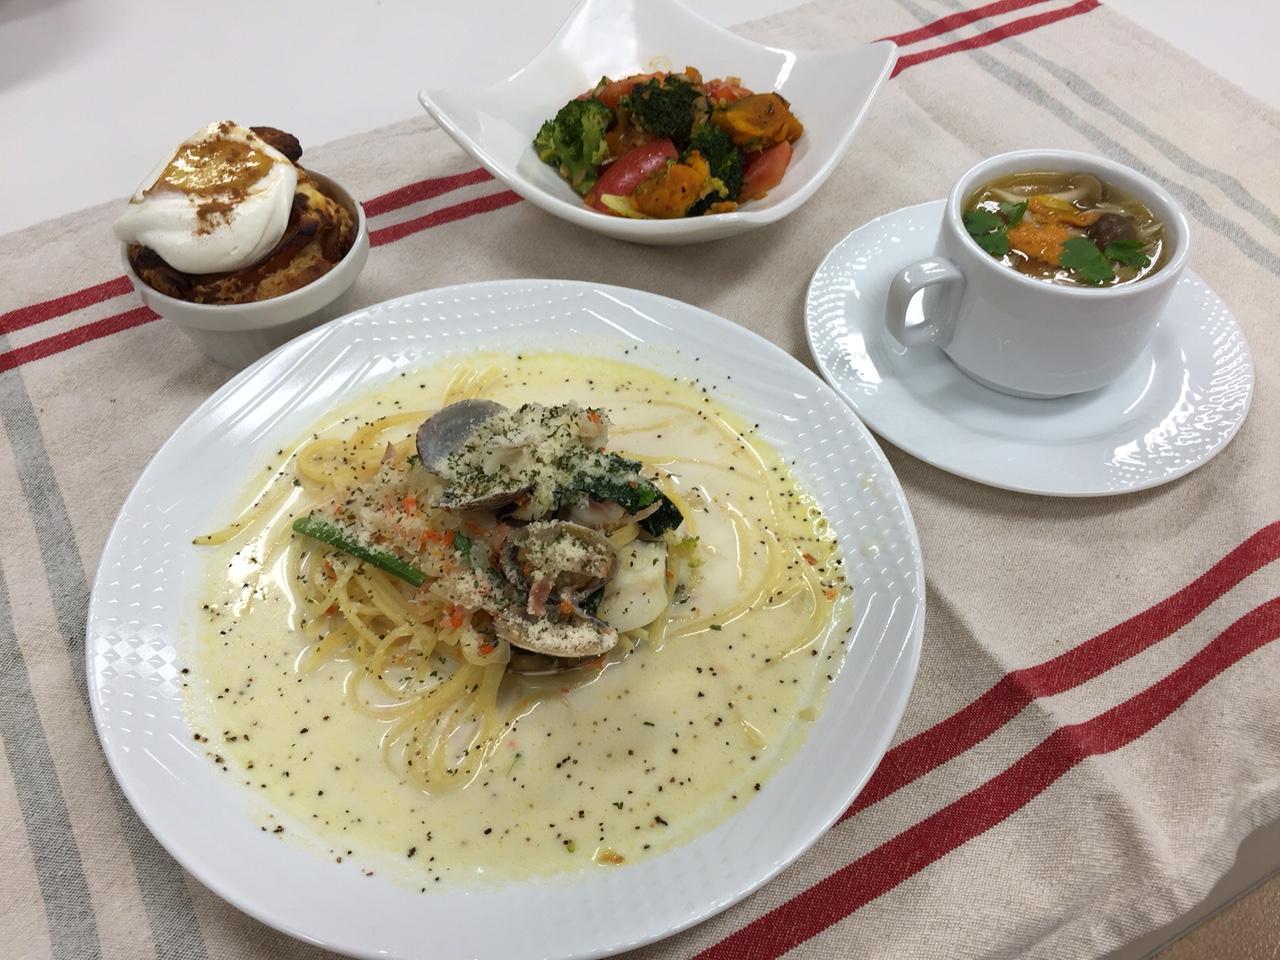 秋の簡単おもてなし料理たっぷり野菜のフルコース イメージ